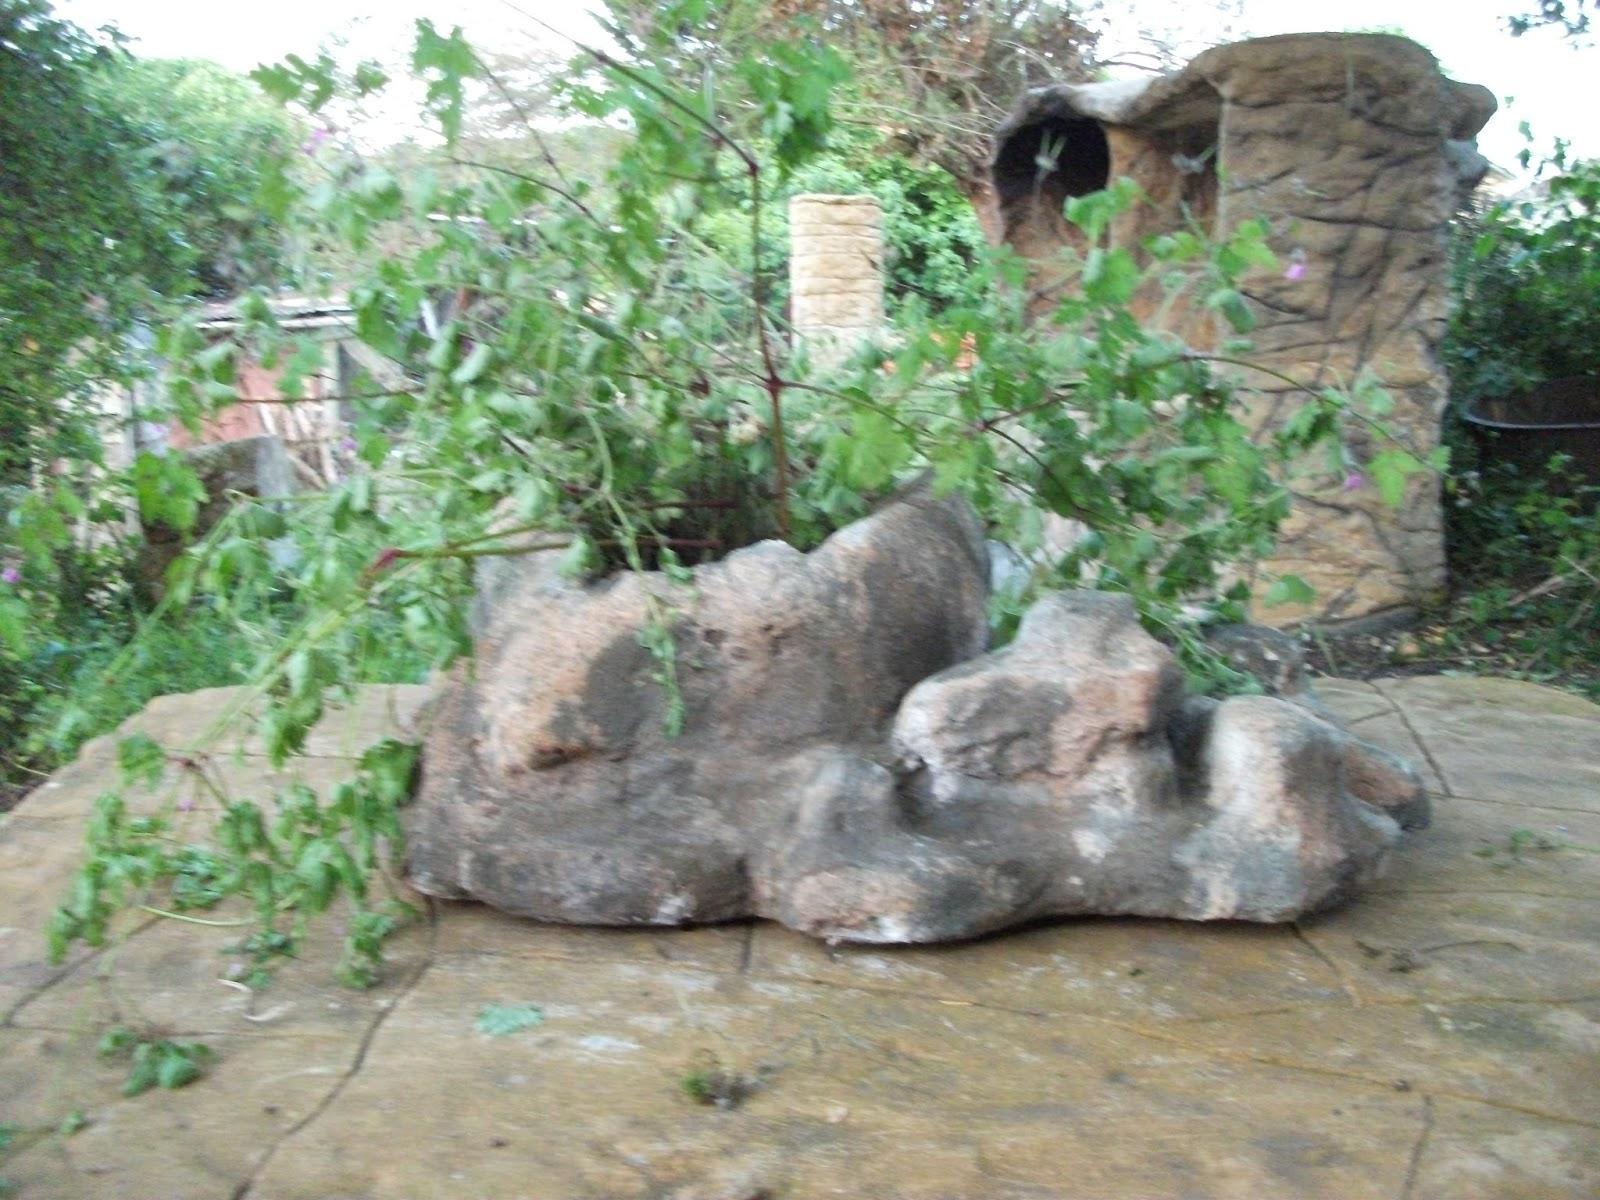 Am nagement de jardin rochers d coratifs faux bois en for Jardins decoratifs